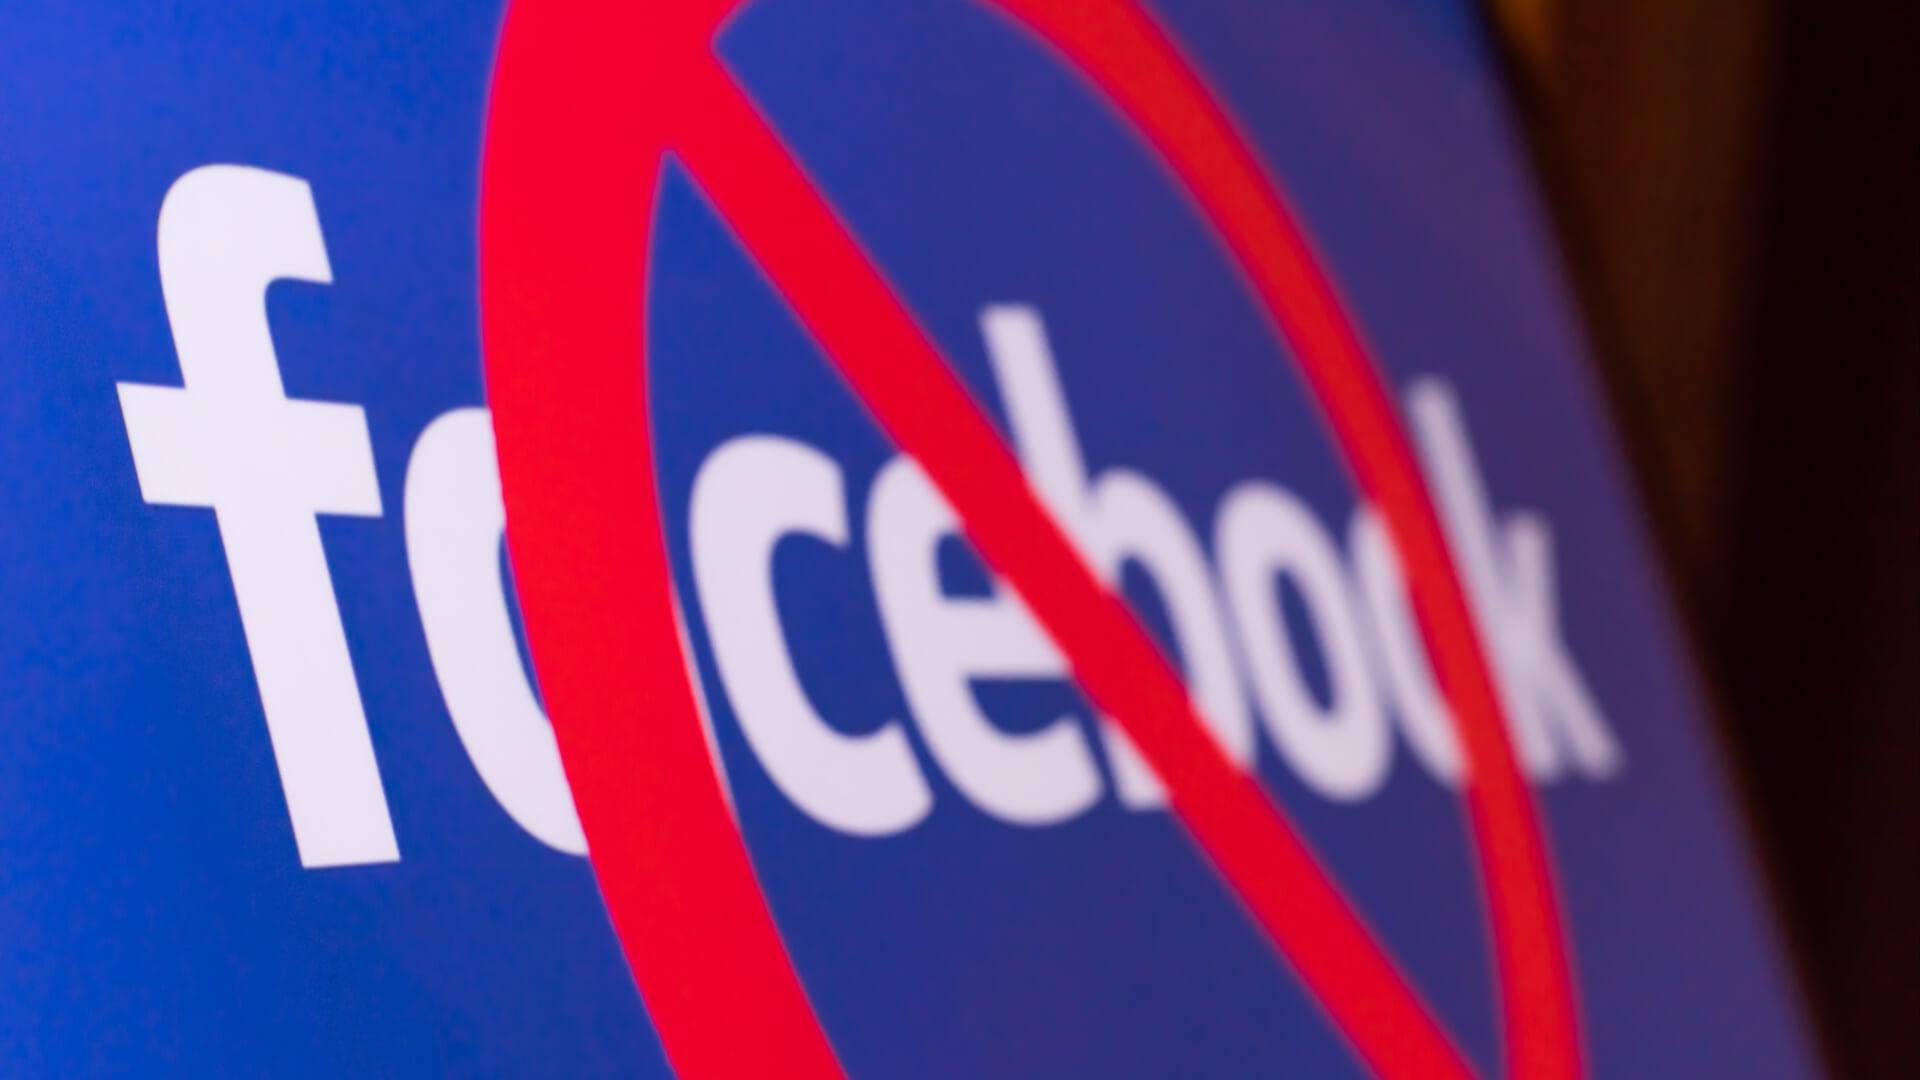 Zeci de organizații de caritate britanice se alătură boicotului împotriva Facebook